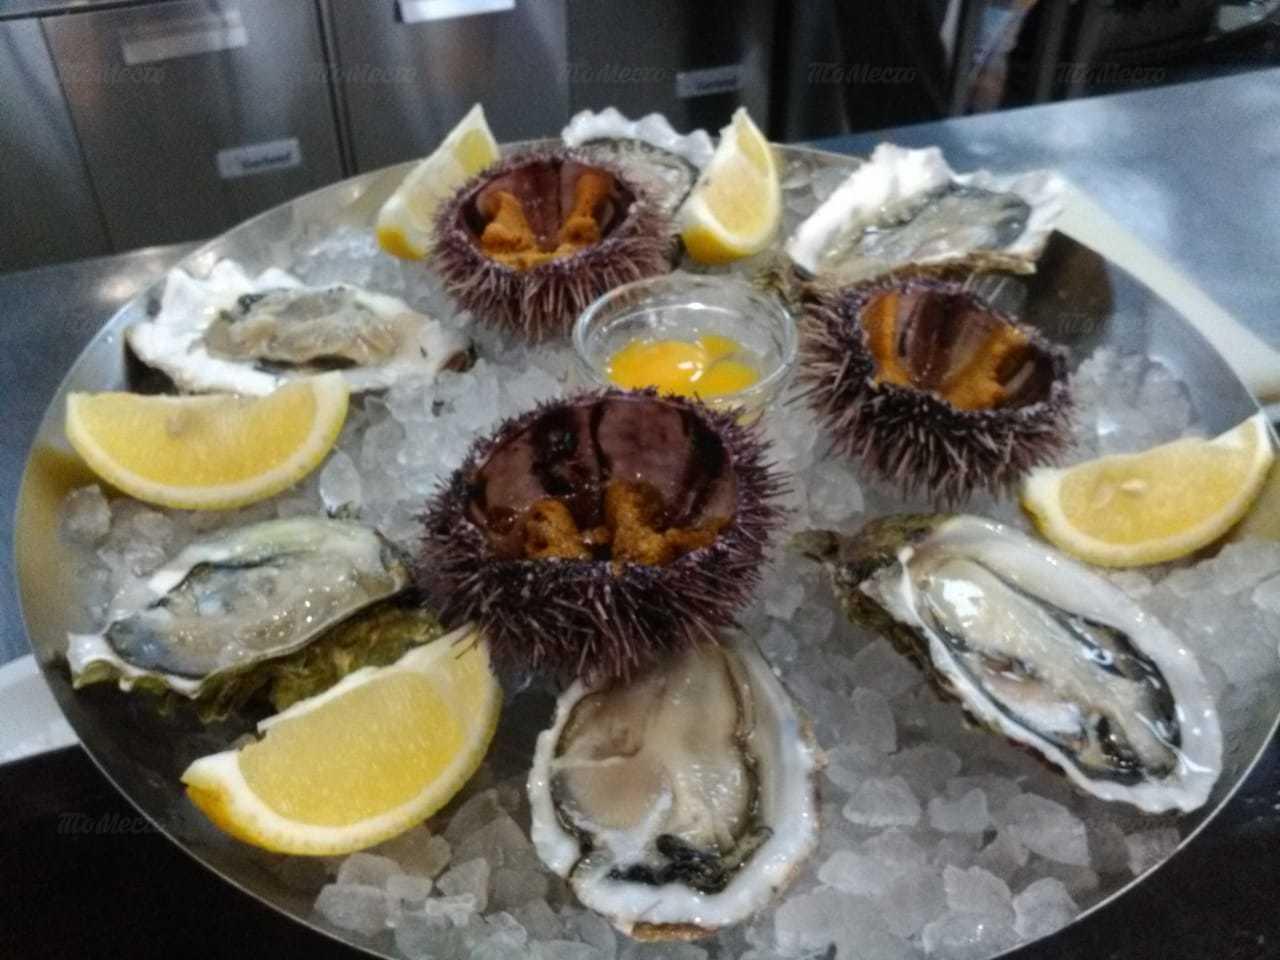 Меню ресторана Порто Мальтезе (Porto Maltese) на Кутузовском проспекте фото 3